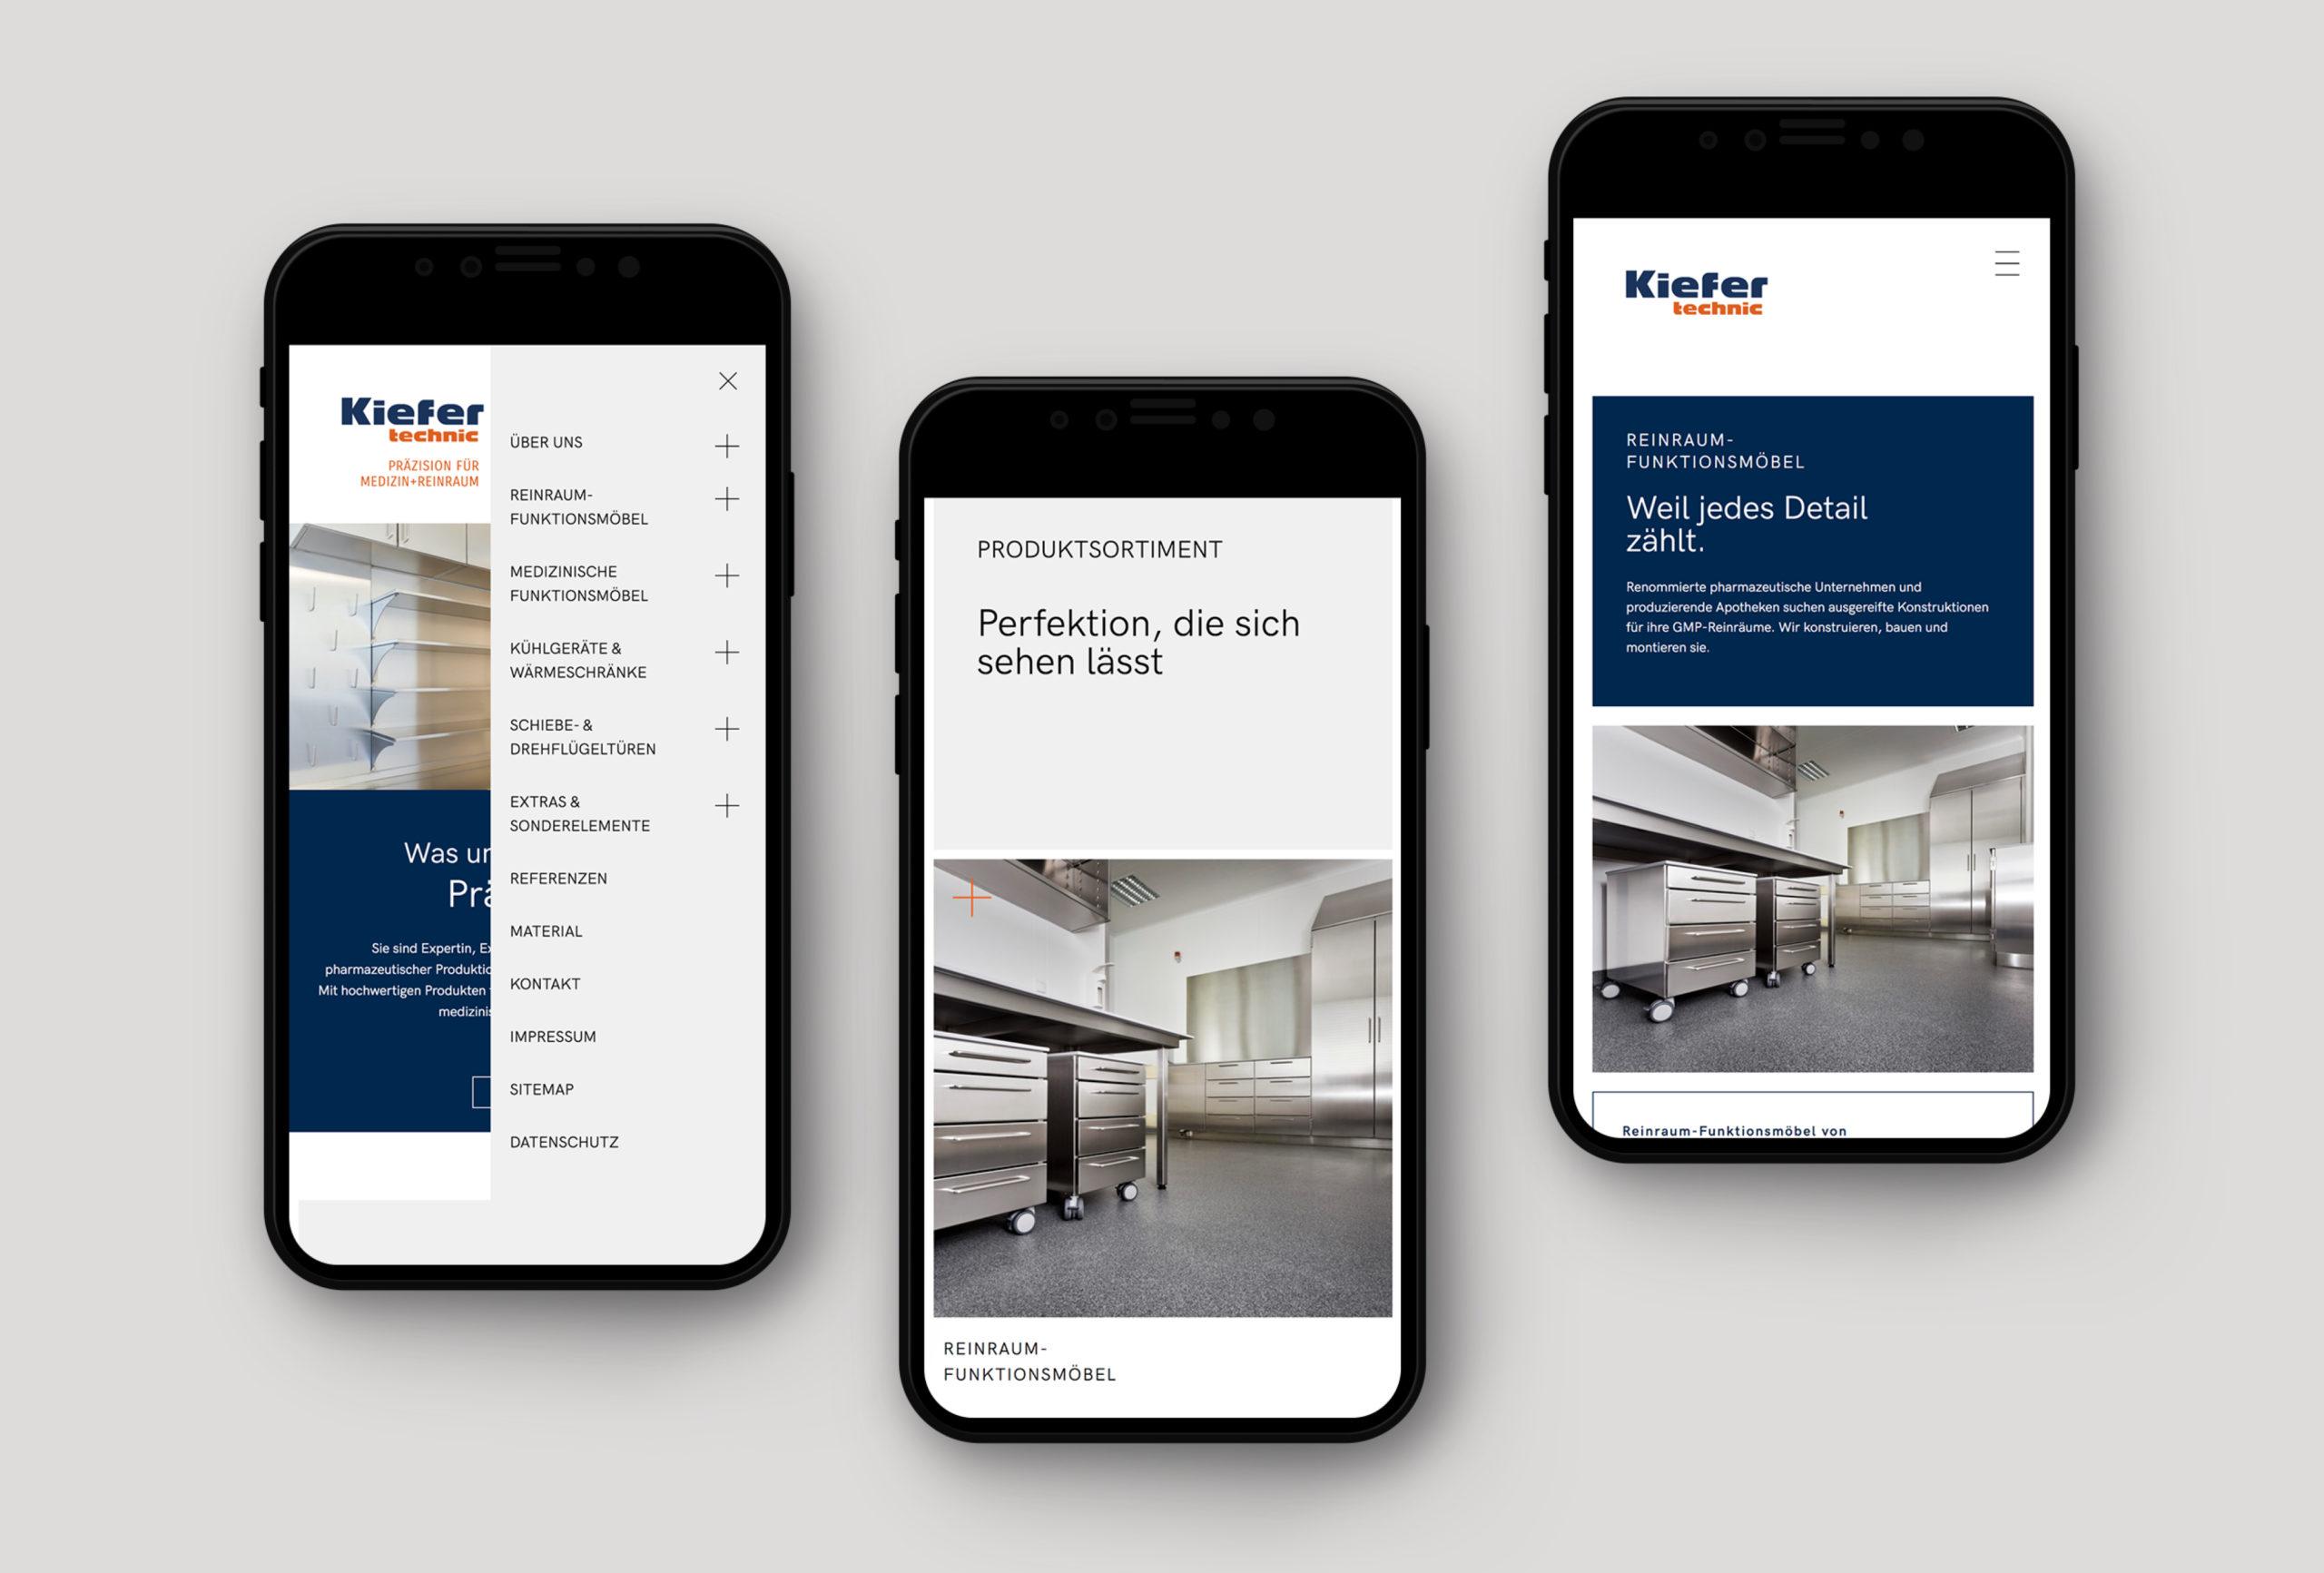 Webauftritt von kiefer technic, umgesetzt von der Designagentur look! design